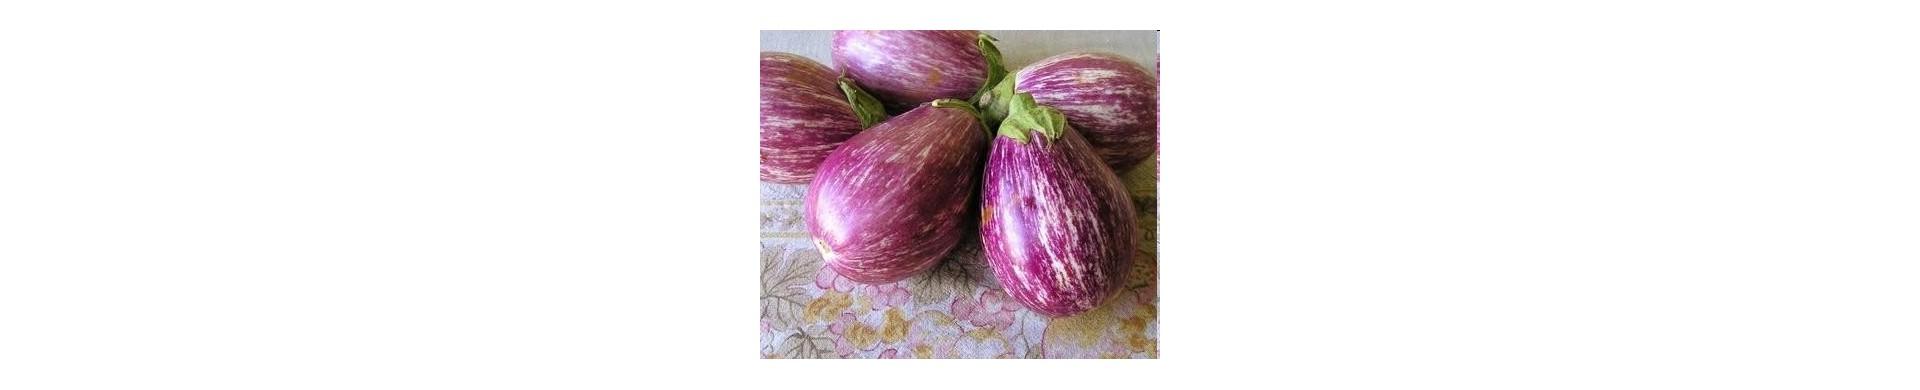 Plant aubergines - Buy eggplant plants